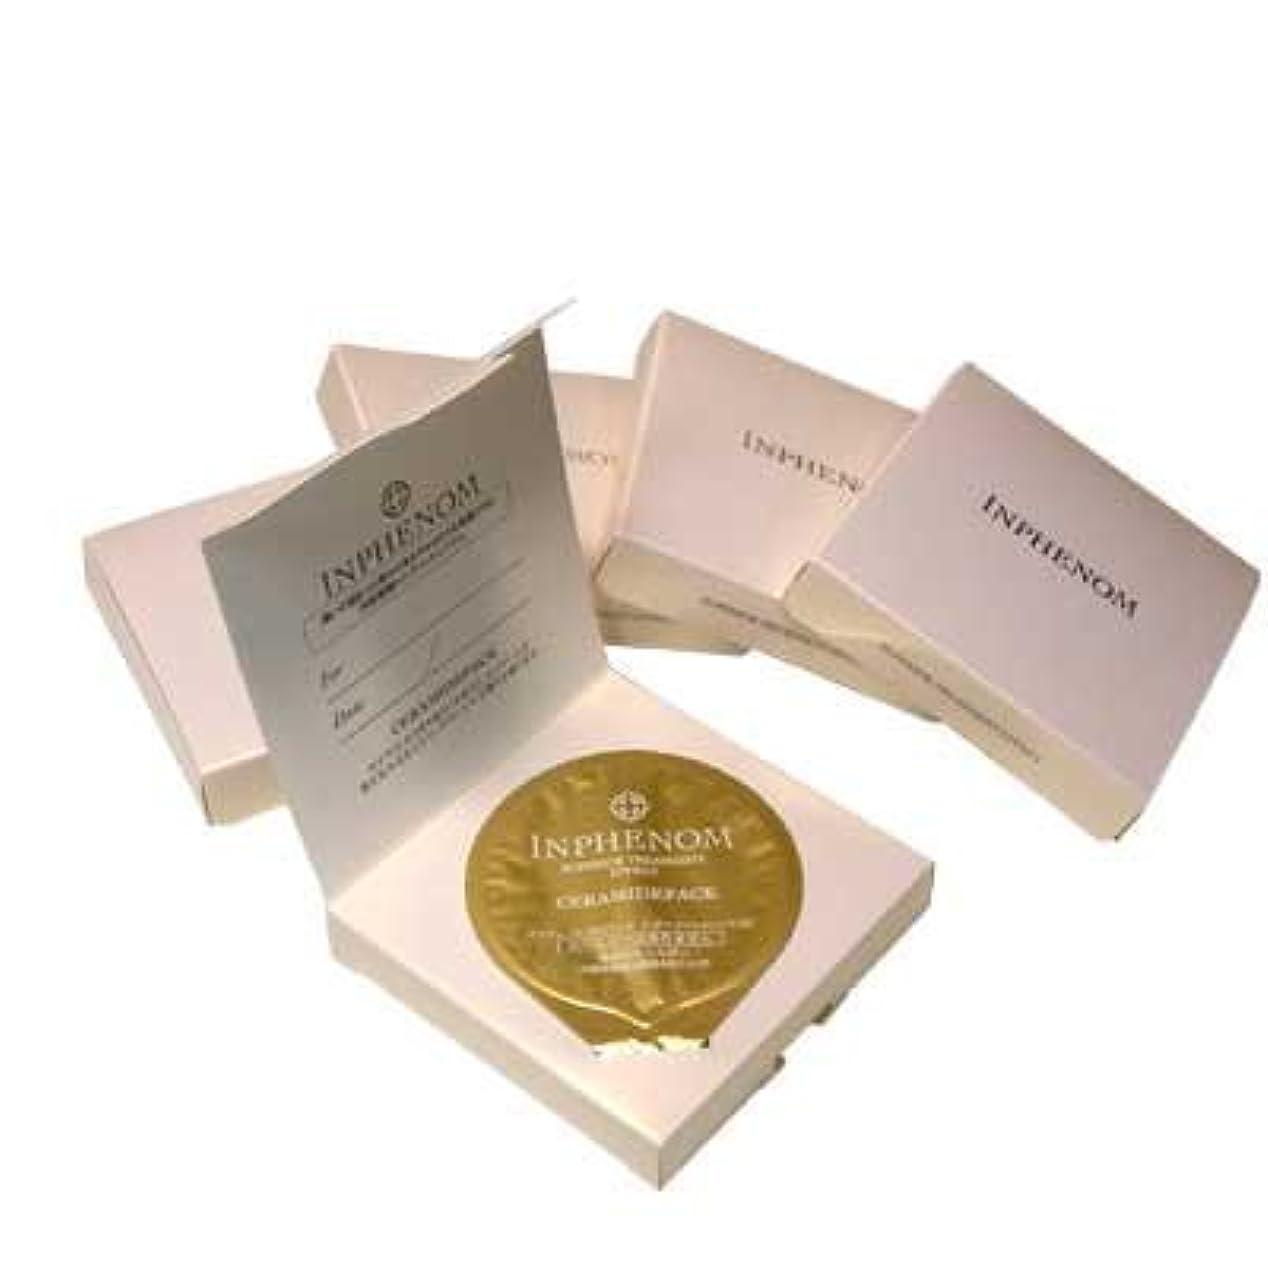 湾傘汚染されたミルボン インフェノム CMパック (セラミドパック) 12g ×5個セット